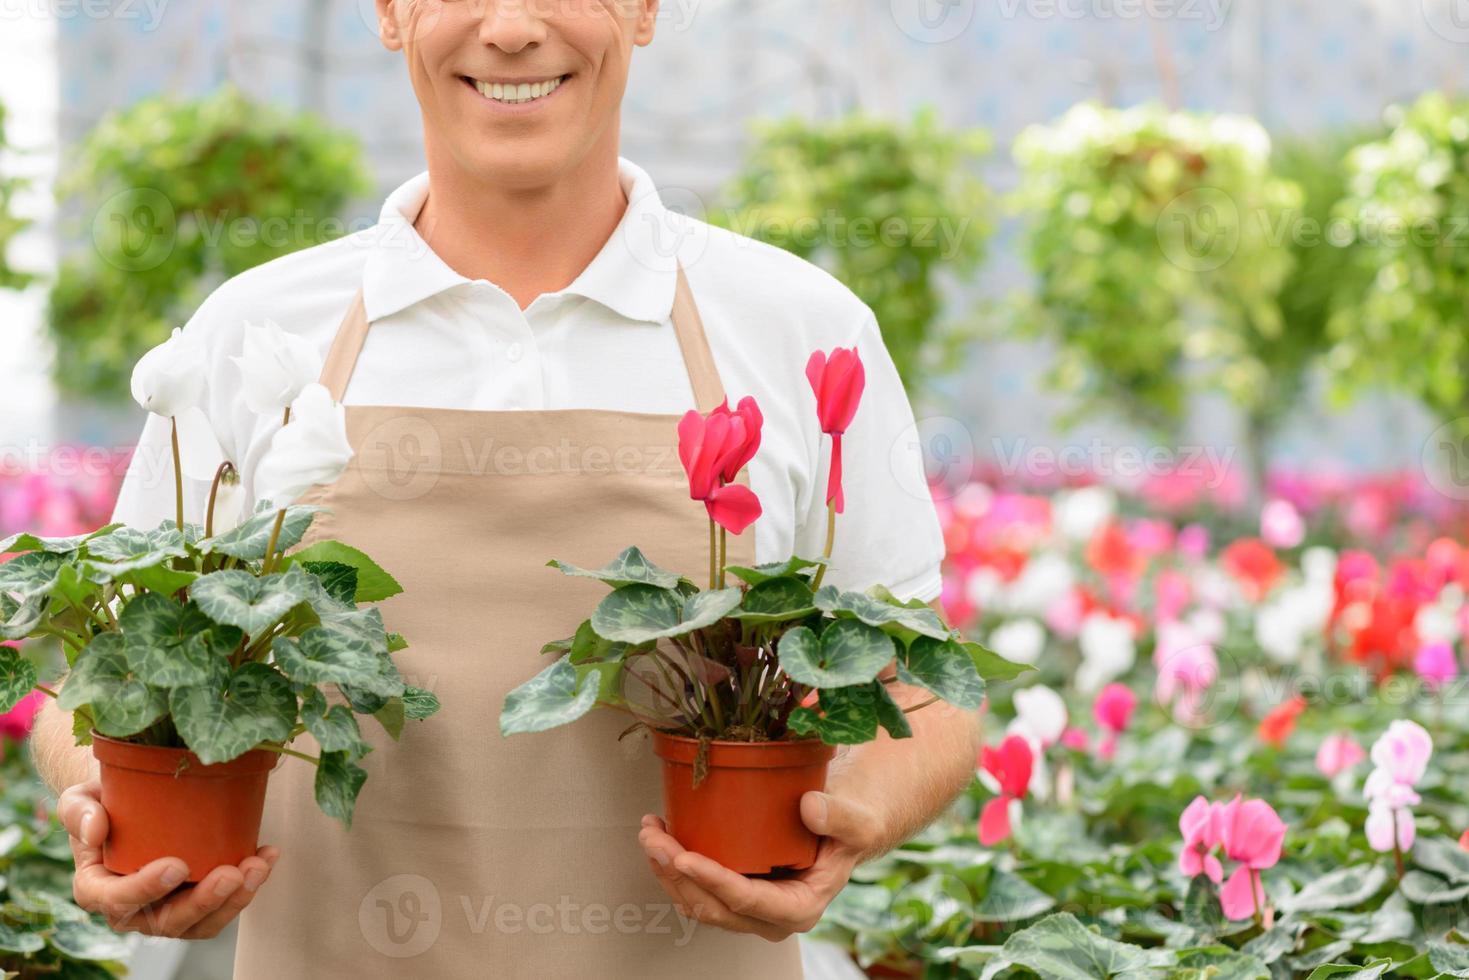 florista profesional trabajando en invernadero foto